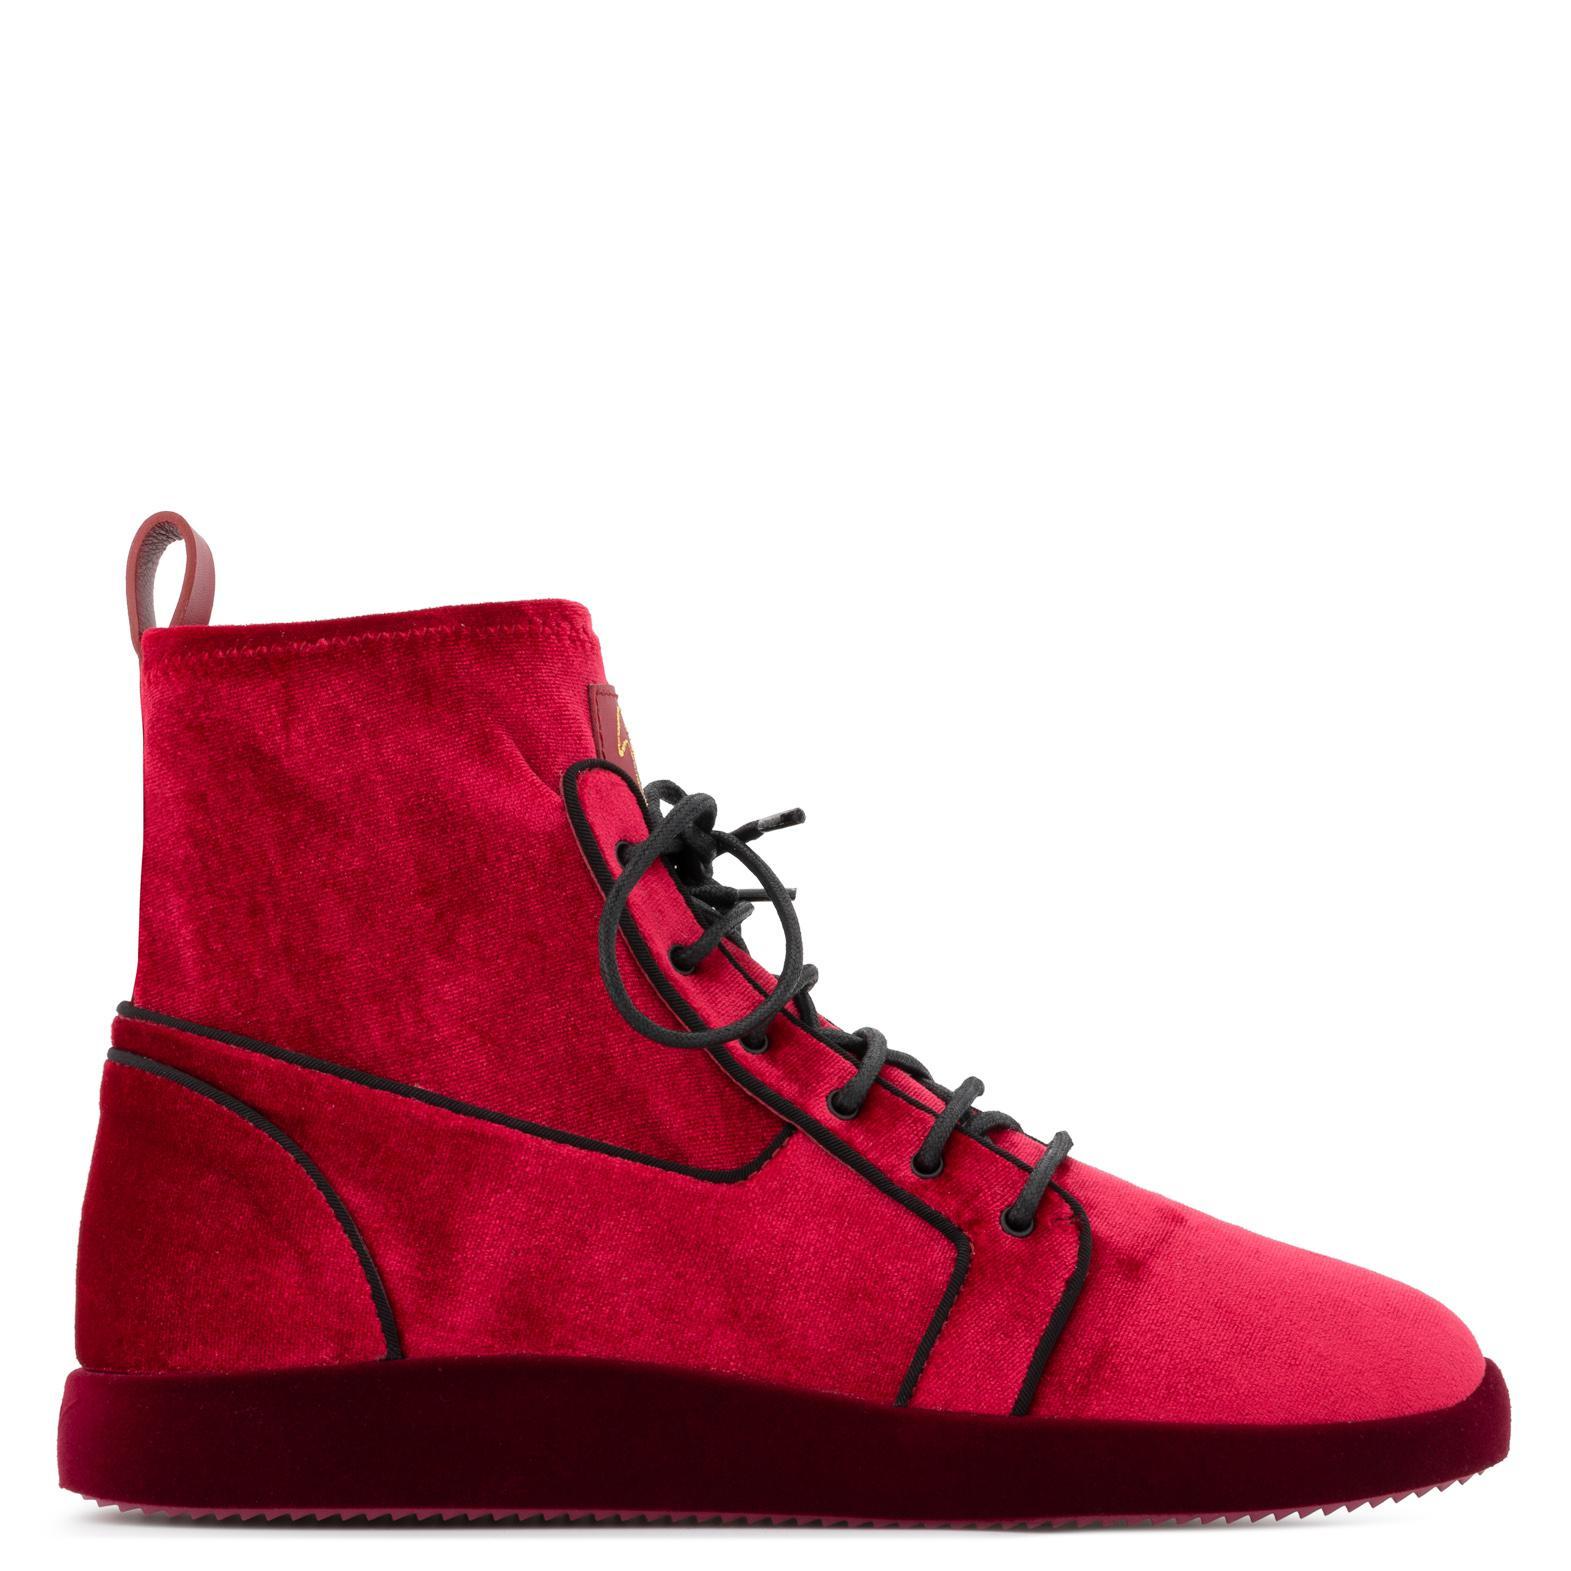 755a66b7530 Lyst - Giuseppe Zanotti Cesar Velvet Sneakers Red in Red for Men ...